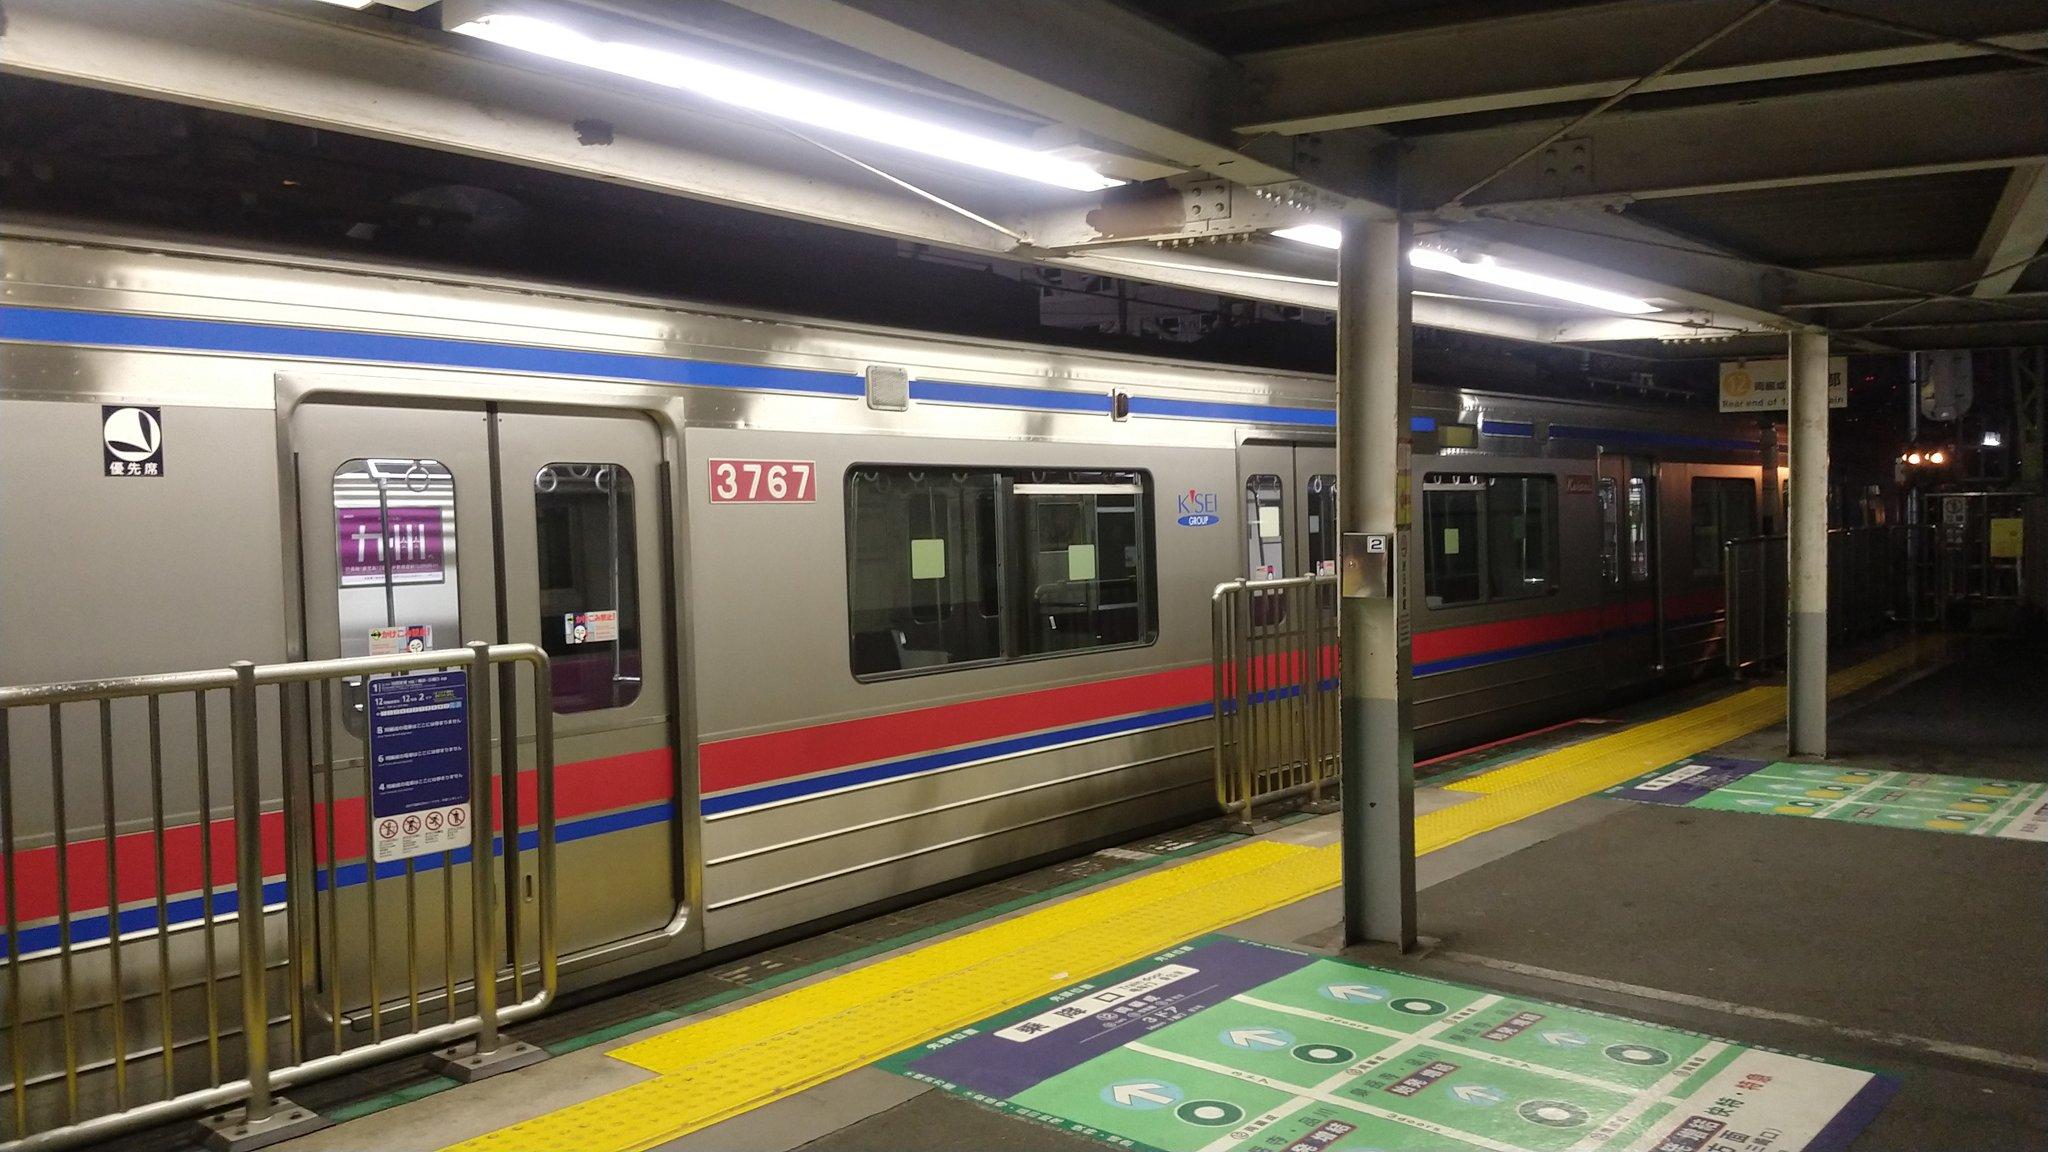 京急本線の品川駅の人身事故の当該列車の画像